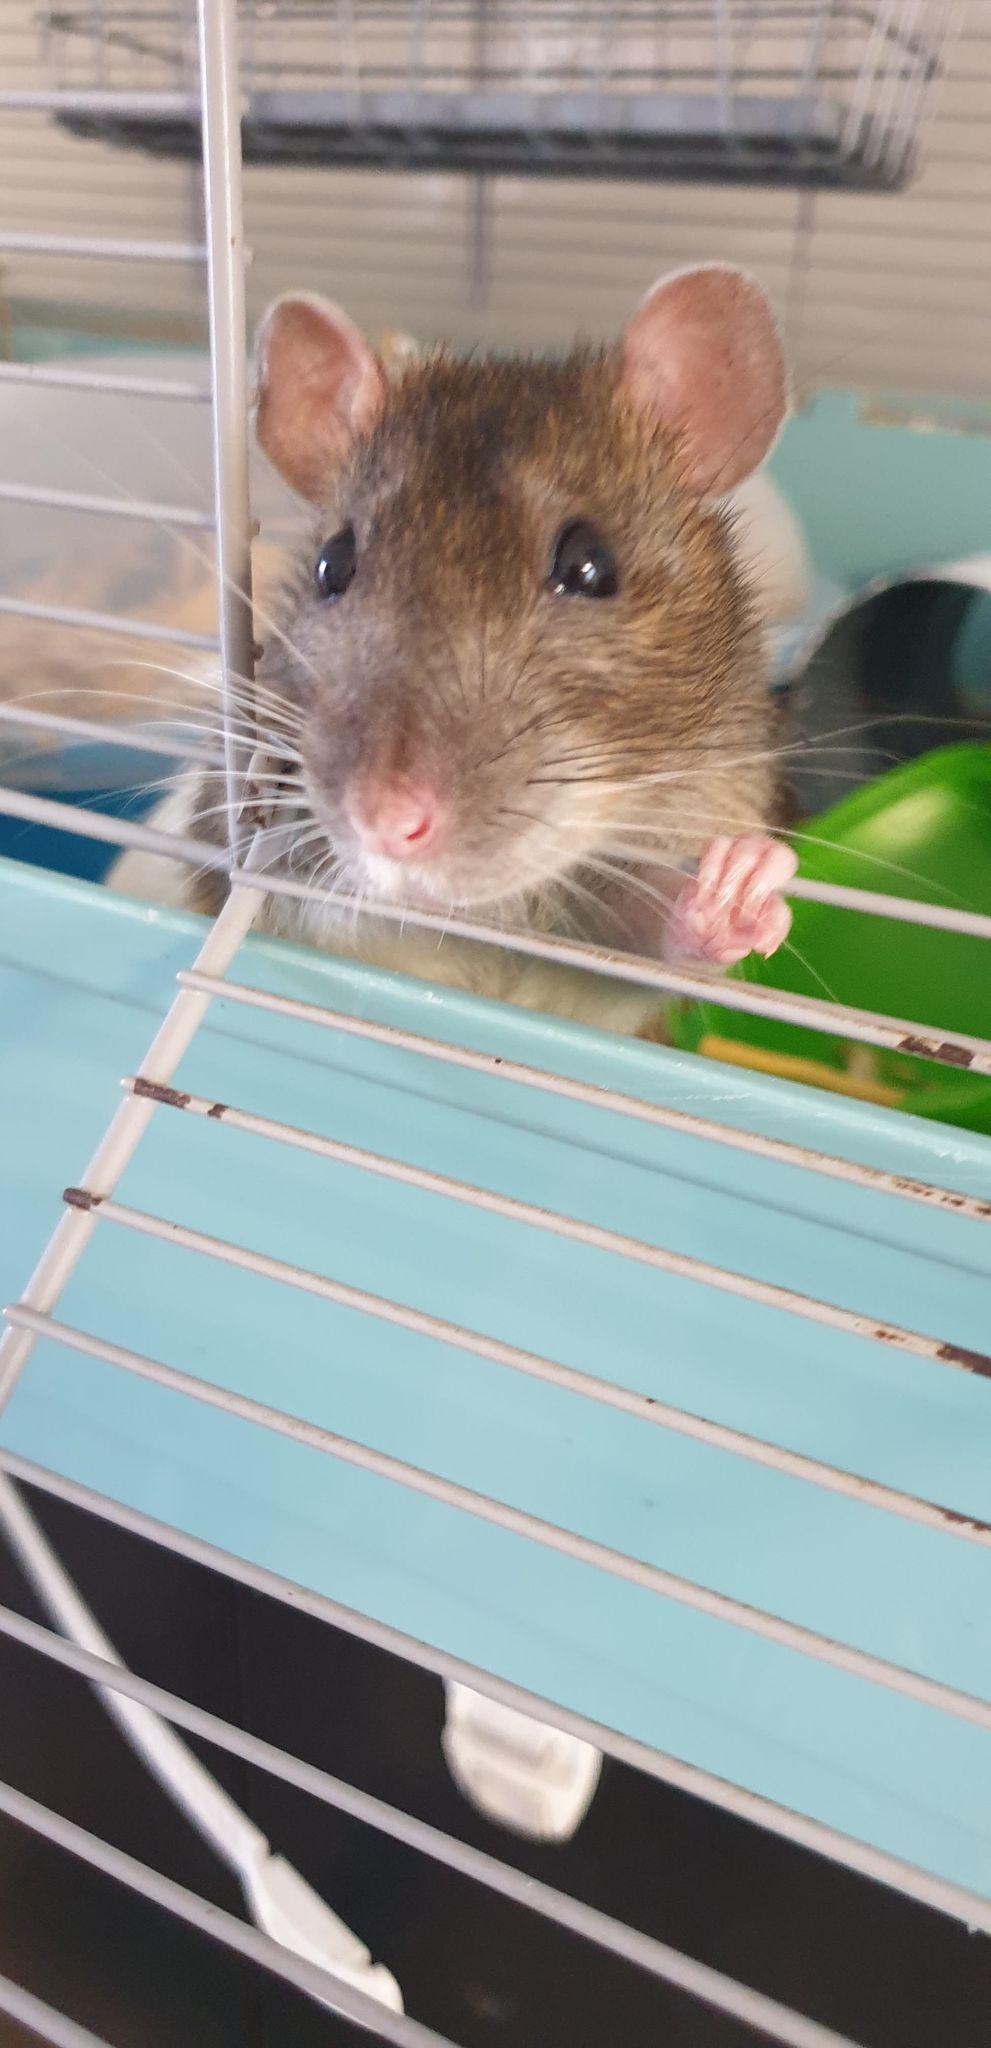 Recherche FA ou adoptants pour deux mamies ratounes de 2 ans et demi 11876510